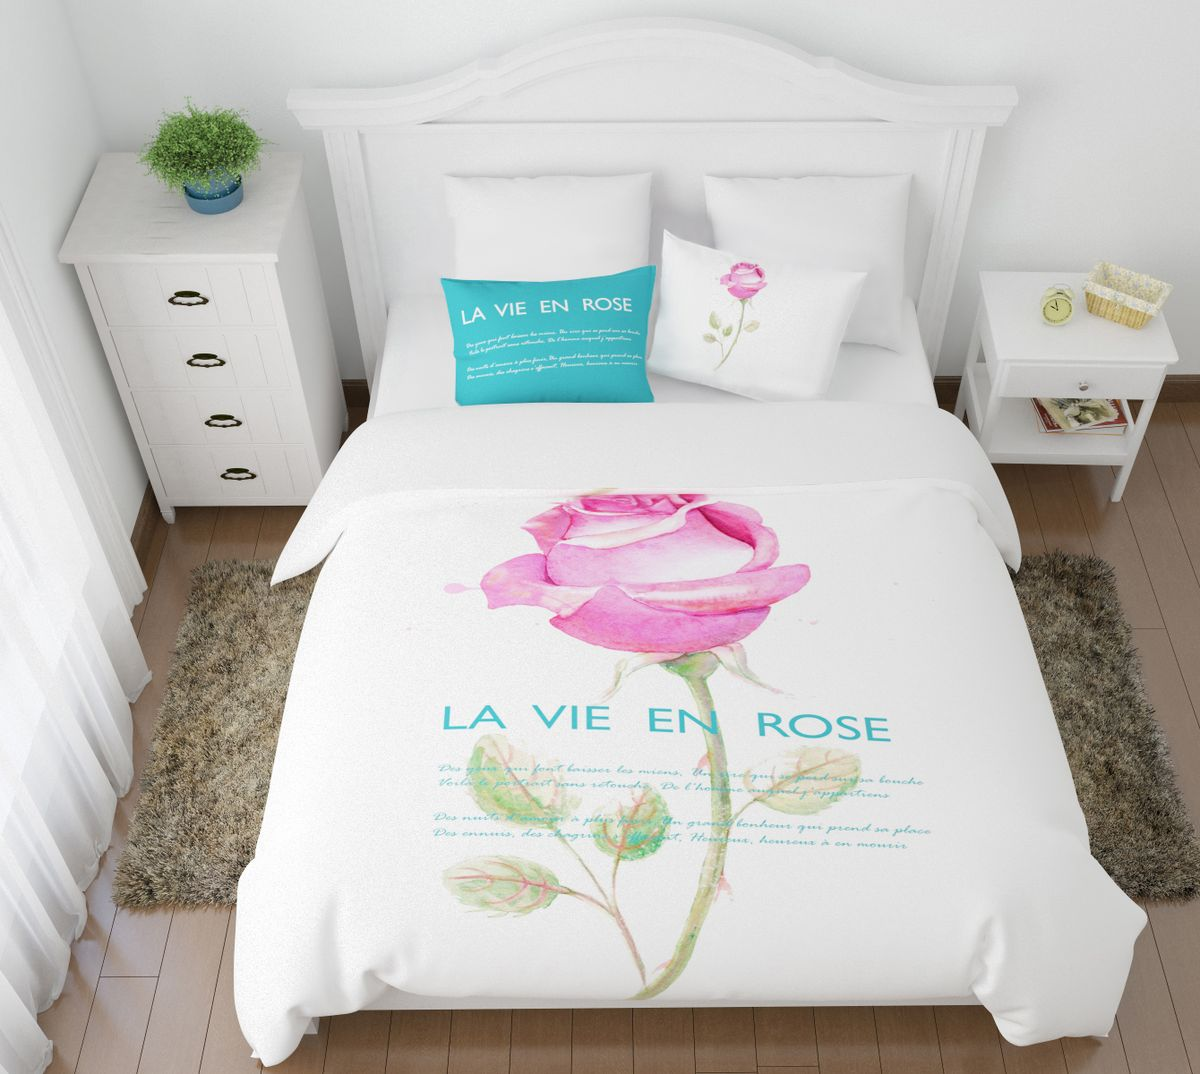 Комплект белья Сирень Жизнь в розовом цвете, 2-спальный, наволочки 50х70ES-412Комплект постельного белья Сирень выполнен из прочной и мягкой ткани. Четкий и стильный рисунок в сочетании с насыщенными красками делают комплект постельного белья неповторимой изюминкой любого интерьера.Постельное белье идеально подойдет для подарка. Идеальное соотношение смешенной ткани и гипоаллергенных красок - это гарантия здорового, спокойного сна. Ткань хорошо впитывает влагу, надолго сохраняет яркость красок.В комплект входят: простынь, пододеяльник, две наволочки. Постельное белье легко стирать при 30-40°С, гладить при 150°С, не отбеливать. Рекомендуется перед первым использованием постирать.УВАЖАЕМЫЕ КЛИЕНТЫ! Обращаем ваше внимание, что цвет простыни, пододеяльника, наволочки в комплектации может немного отличаться от представленного на фото.